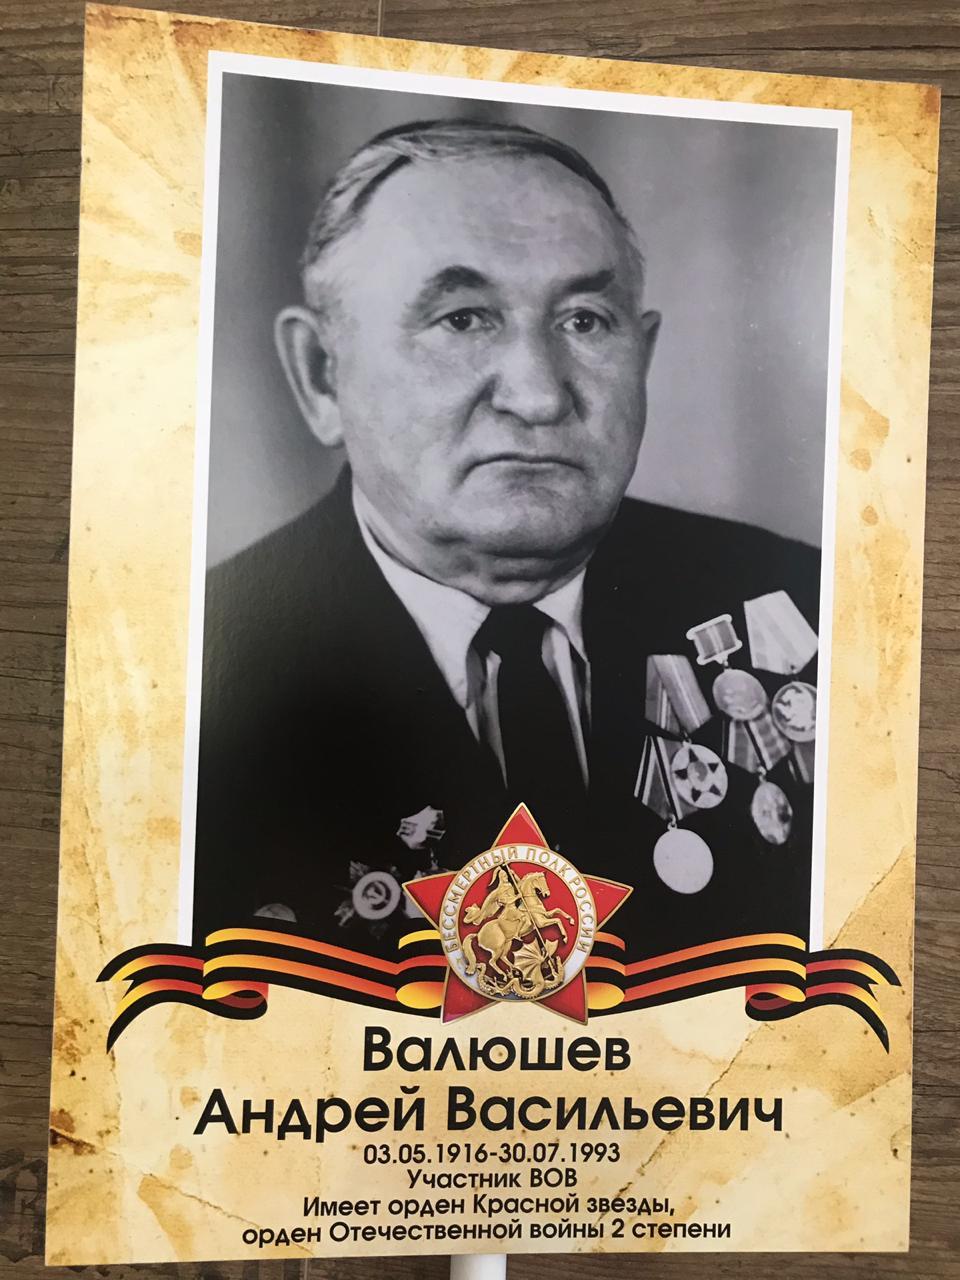 Валюшев Андрей